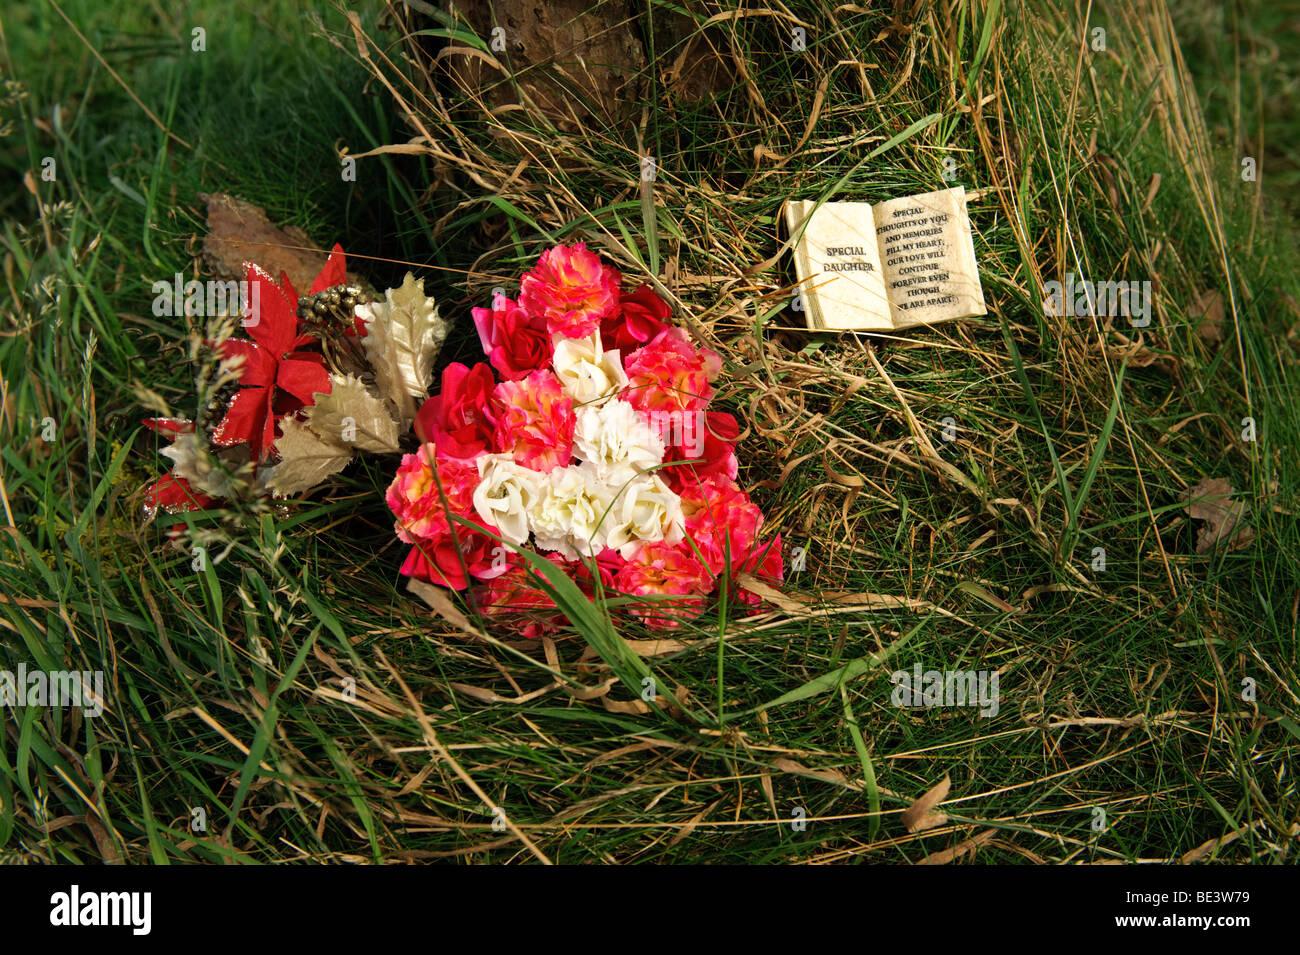 Anordnung der Blumen auf dem Boden hinterließ als florale Tribut einer toten Tochter, UK Stockbild